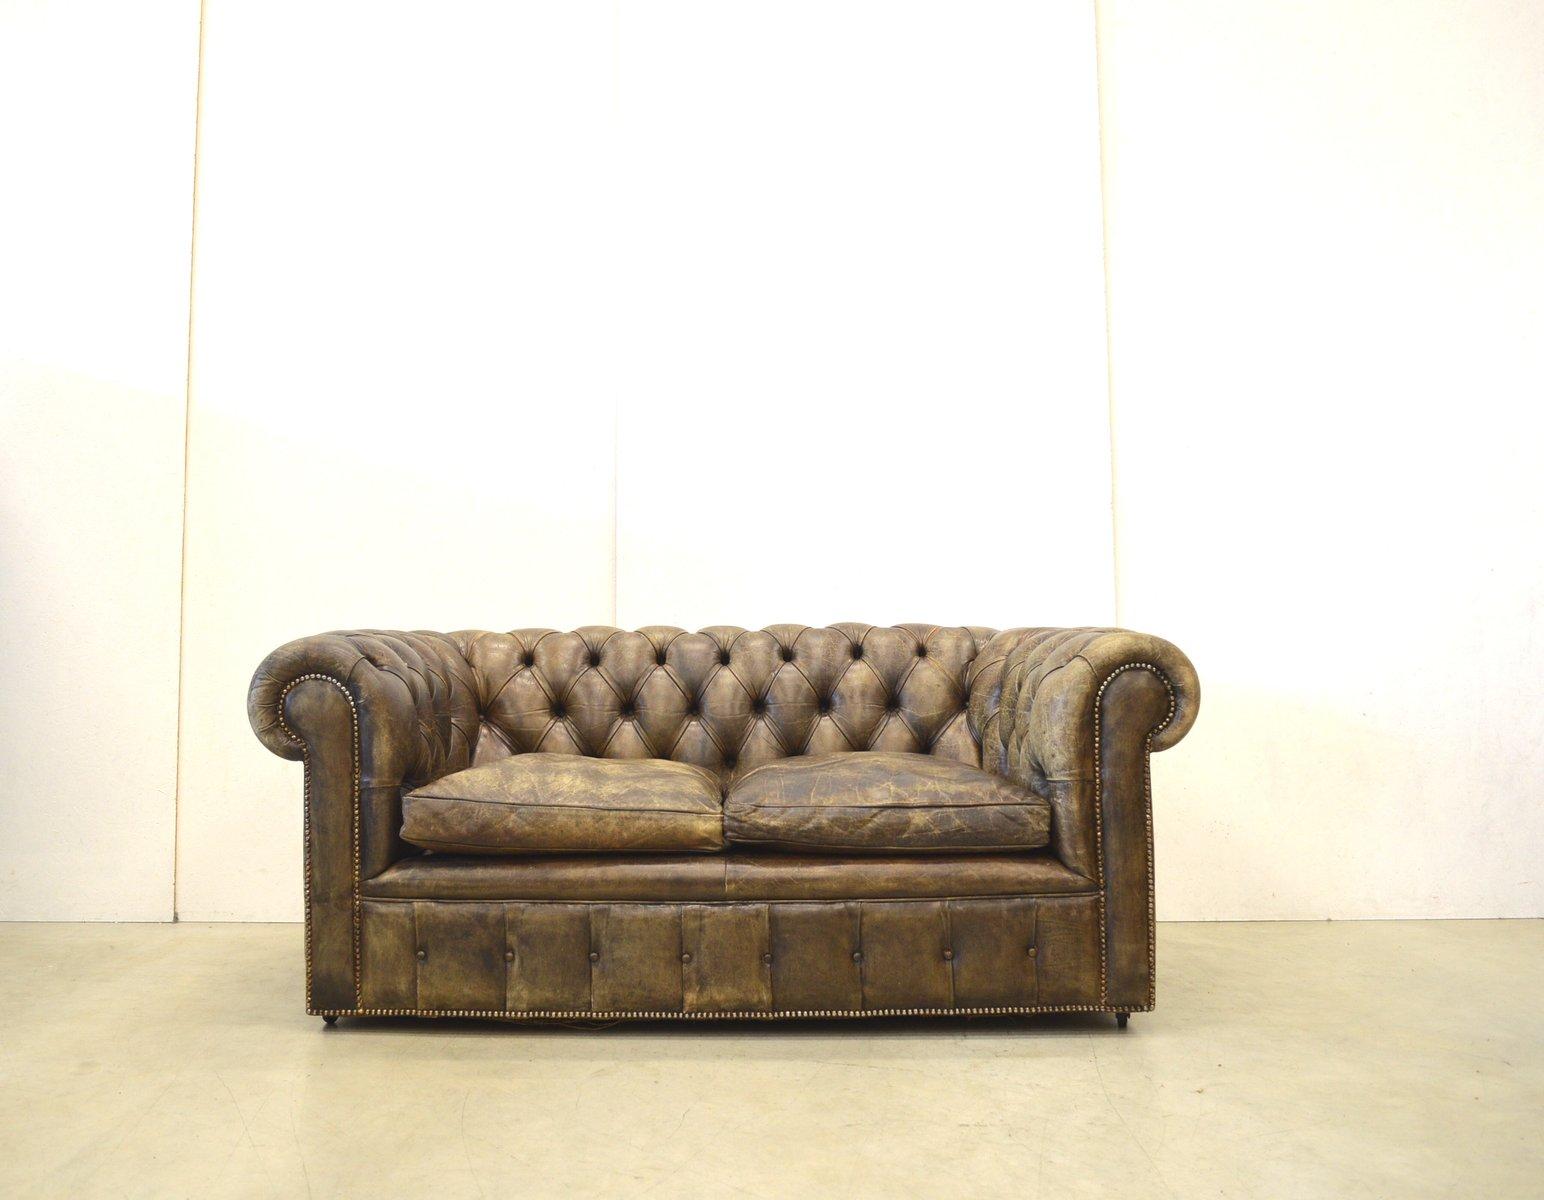 englisches vintage chesterfield zwei sitzer ledersofa in dunkelbraun 1950er bei pamono kaufen. Black Bedroom Furniture Sets. Home Design Ideas